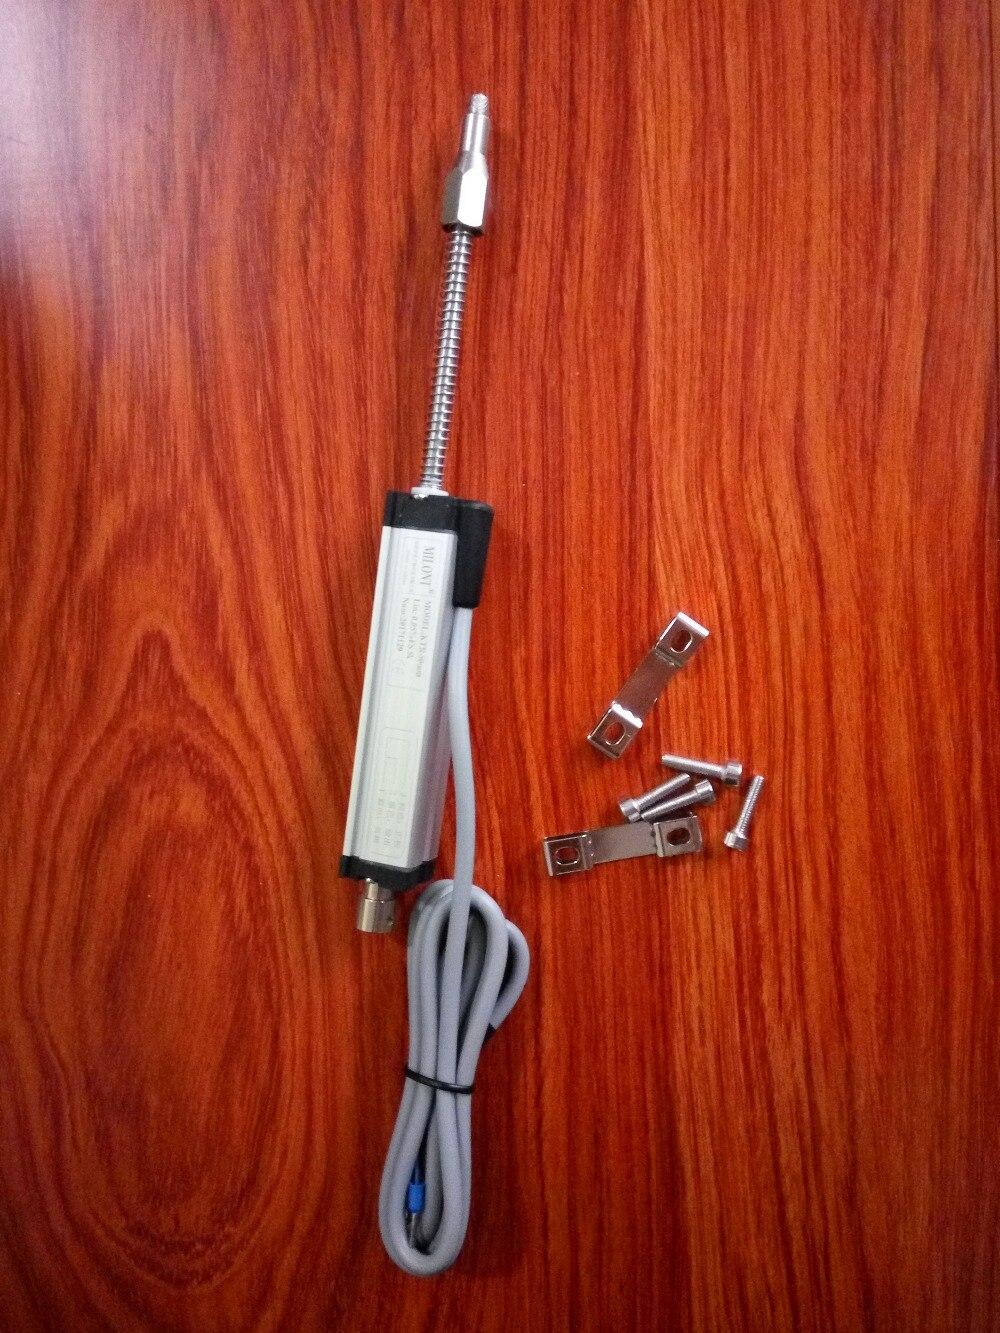 KTR-150 ktr150 KTR-150mm sensor de deslocamento em miniatura do sensor de posição do auto-reset do transdutor do deslocamento linear